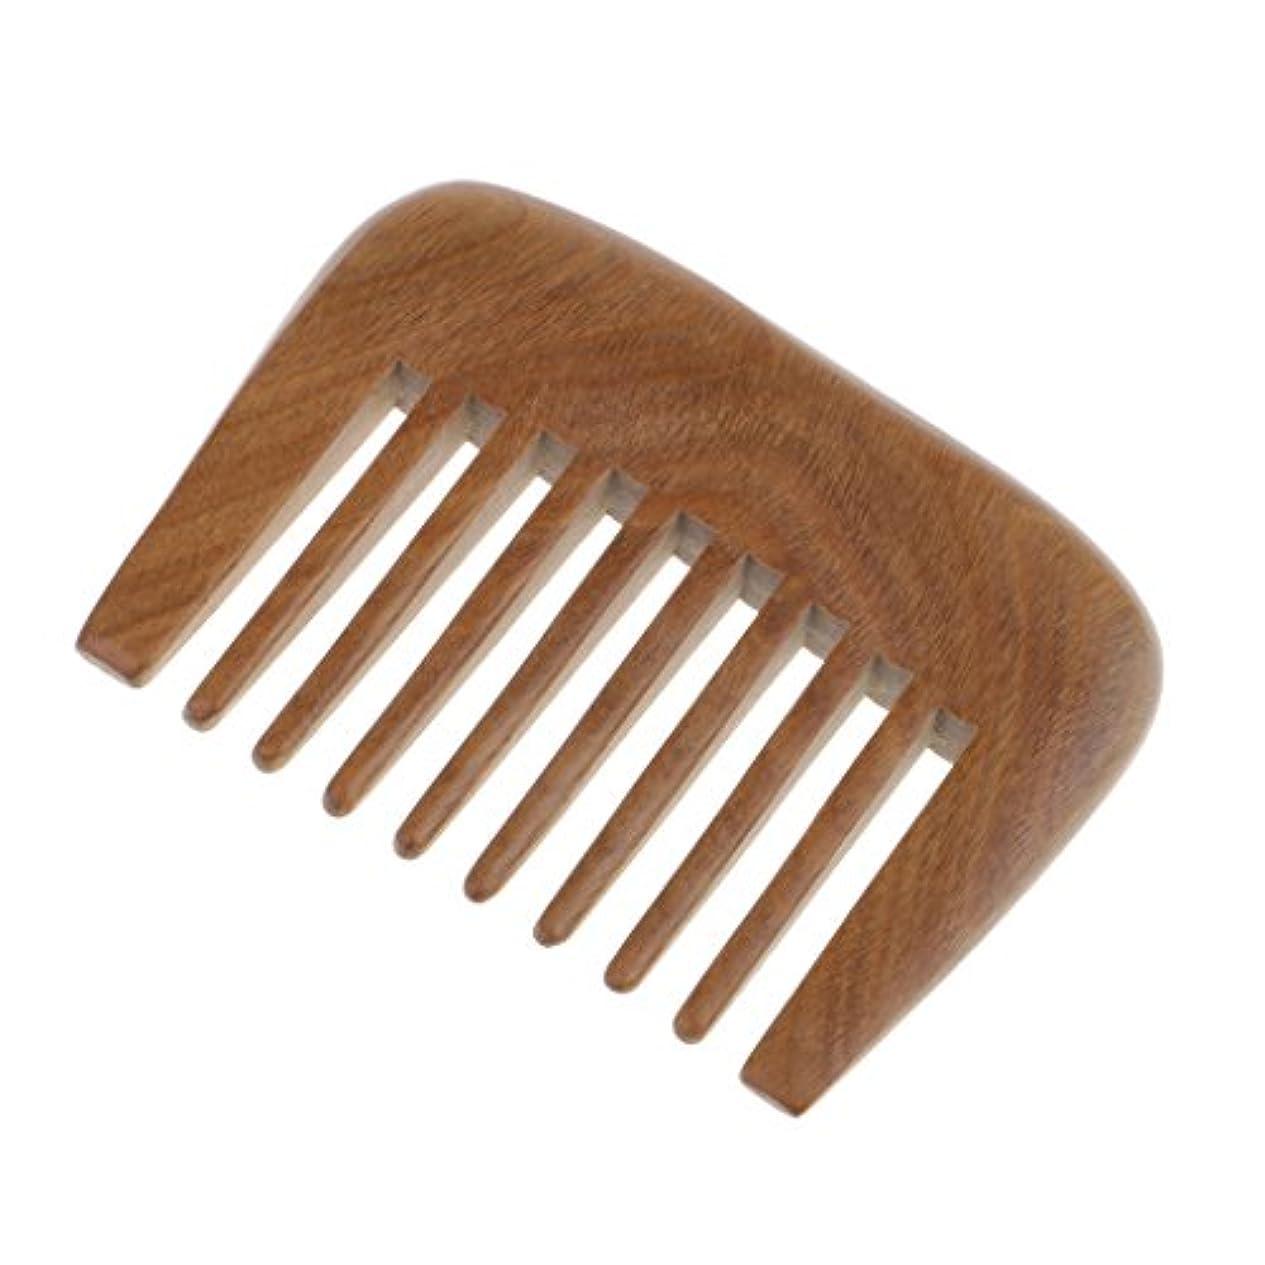 倫理初期の悪化するToygogo 木製のくしの毛の広い歯のポケットの毛のくしの毛のもつれを取り除くくしの毛のマッサージャーのブラシの緑の白檀